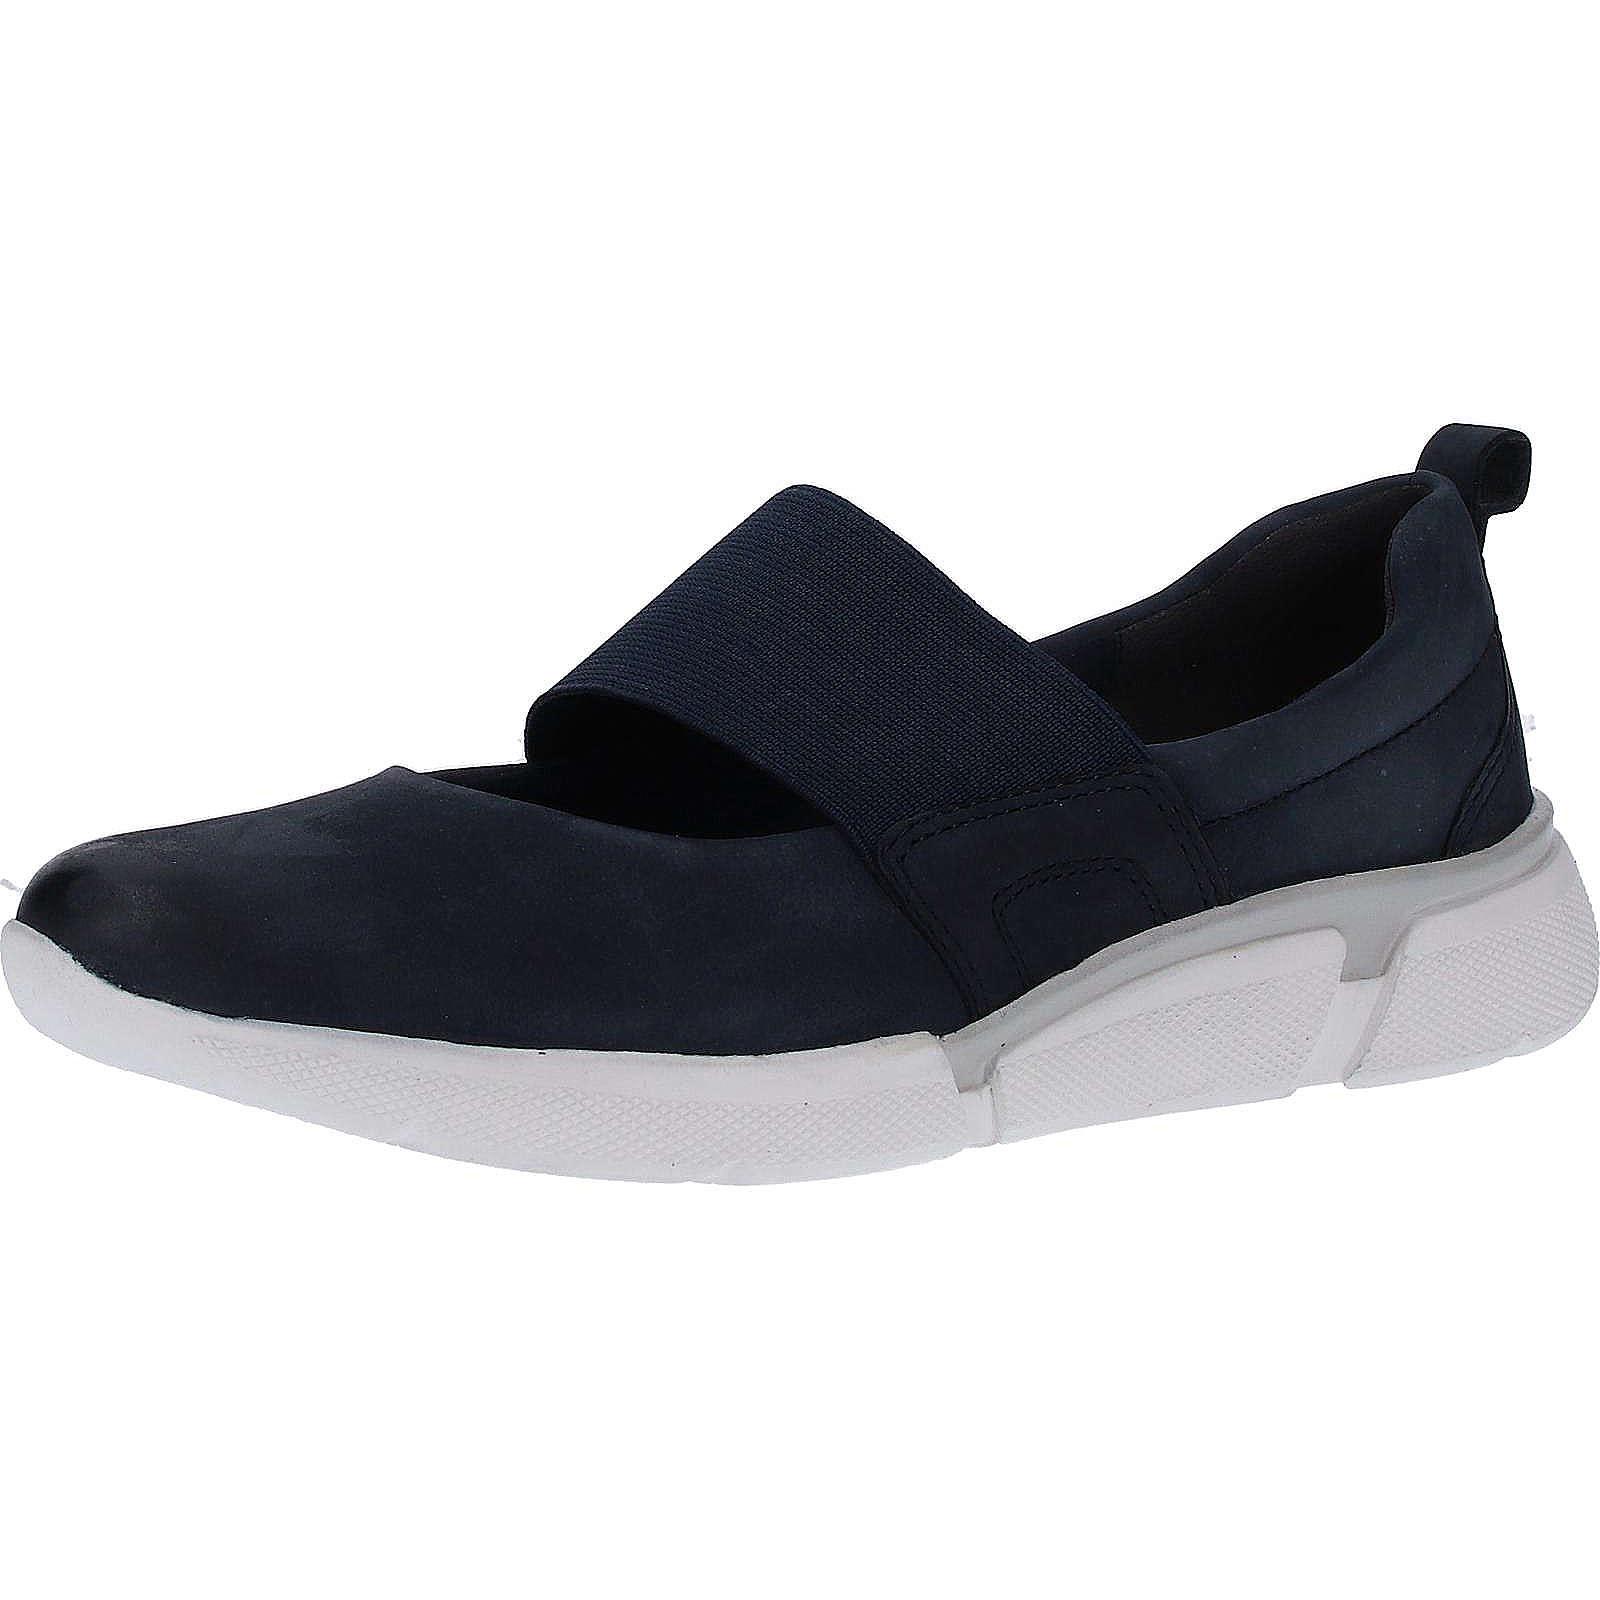 MARCO TOZZI Ballerinas Sneakers Low blau Damen Gr. 37